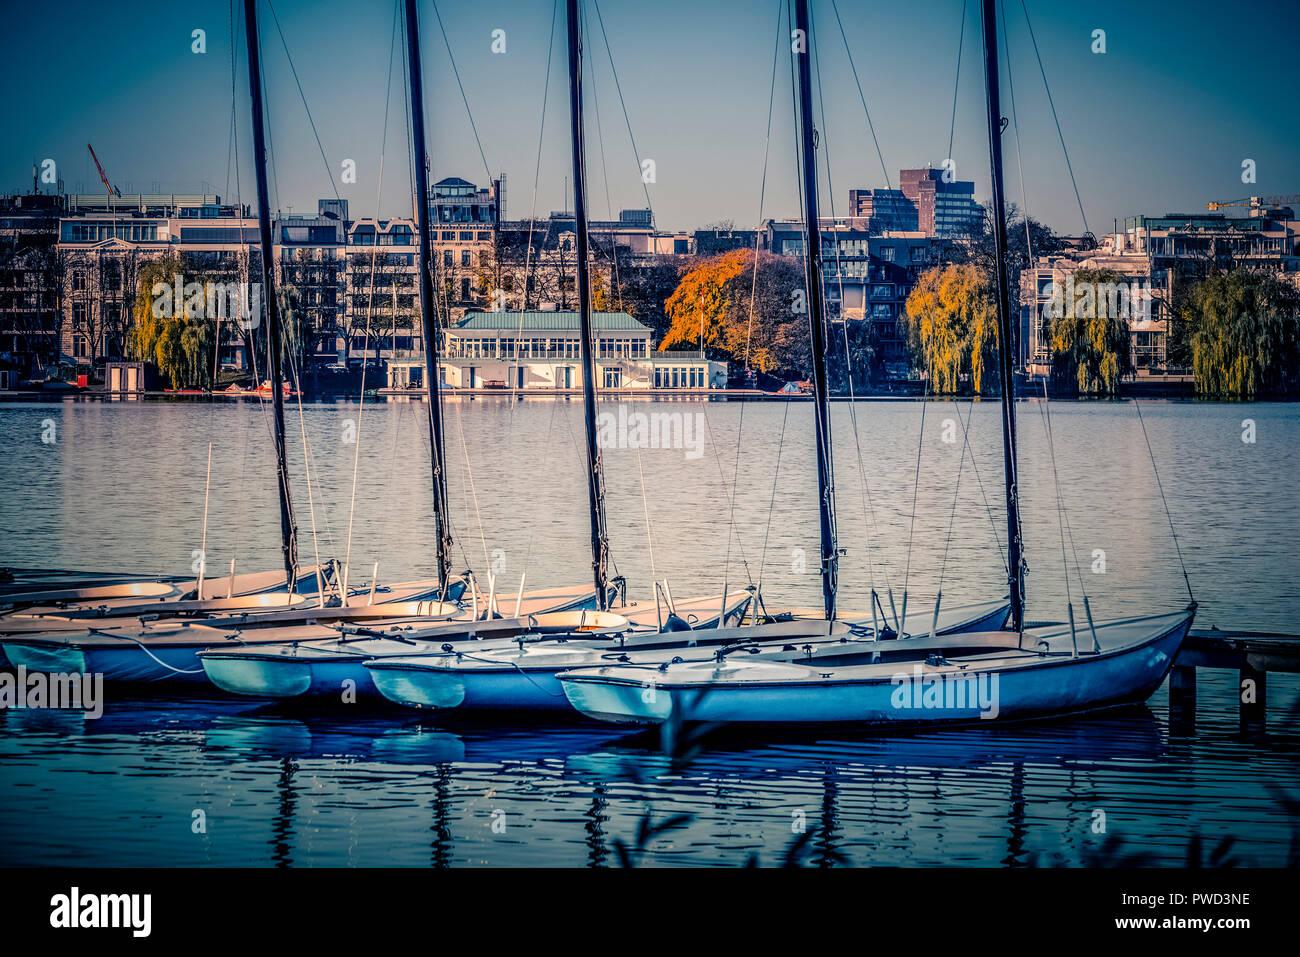 Deutschland, Hamburg, Alster, Außenalster, Ruderclub, Germania, Segeln, Segelboot Stockbild